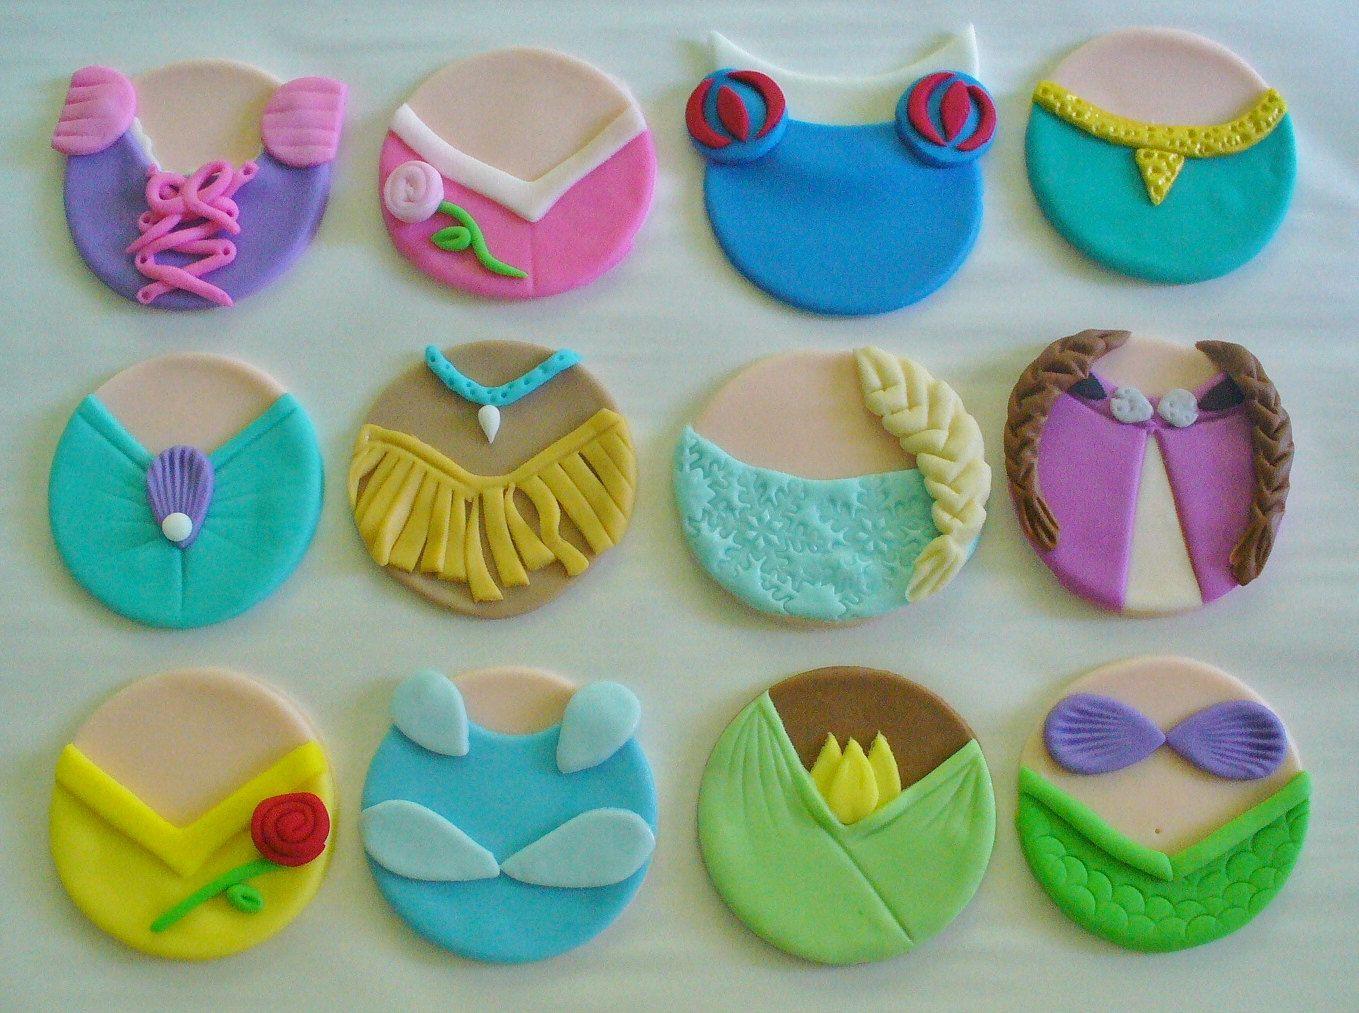 bufandas de princesas de disney tejidas de niña - Buscar con Google